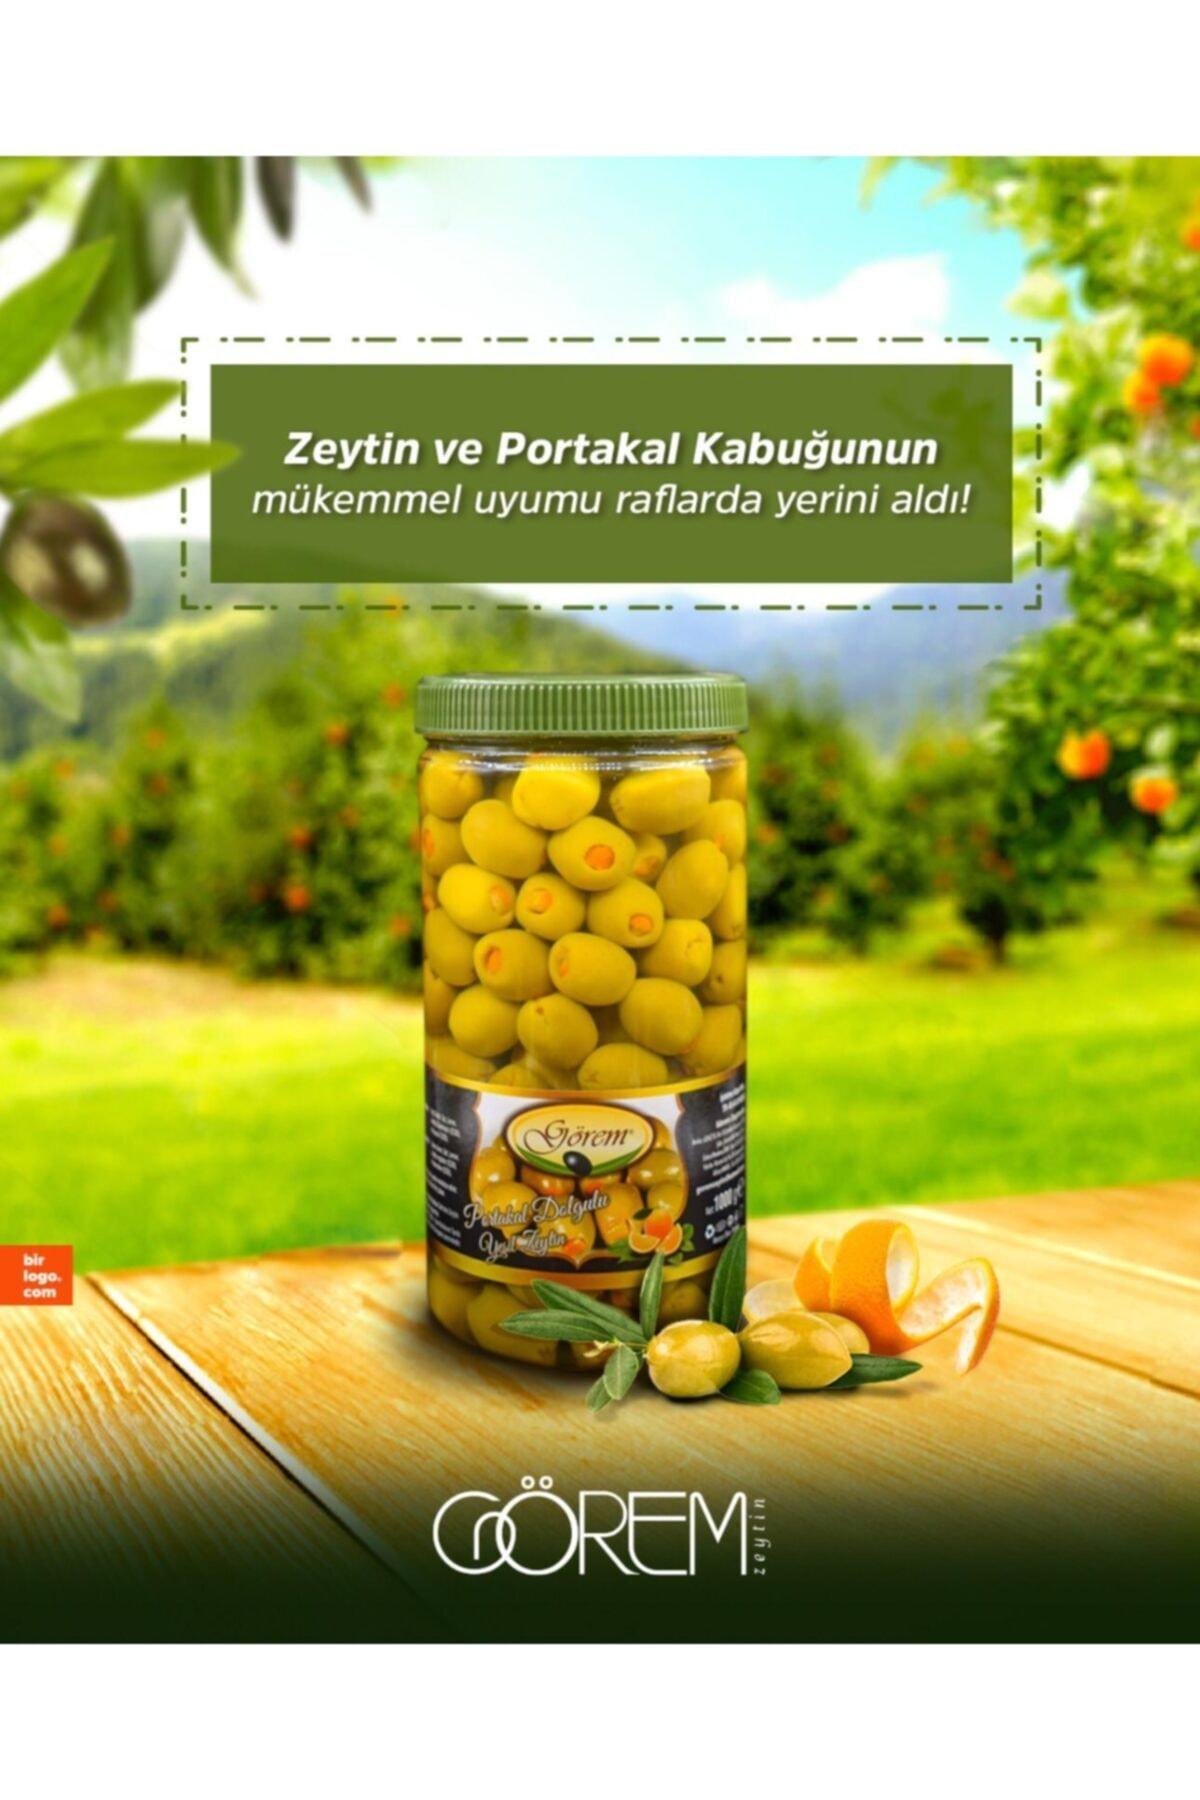 Görem Zeytin Portakal Kabuğu Dolgulu Yeşil Zeytin 1